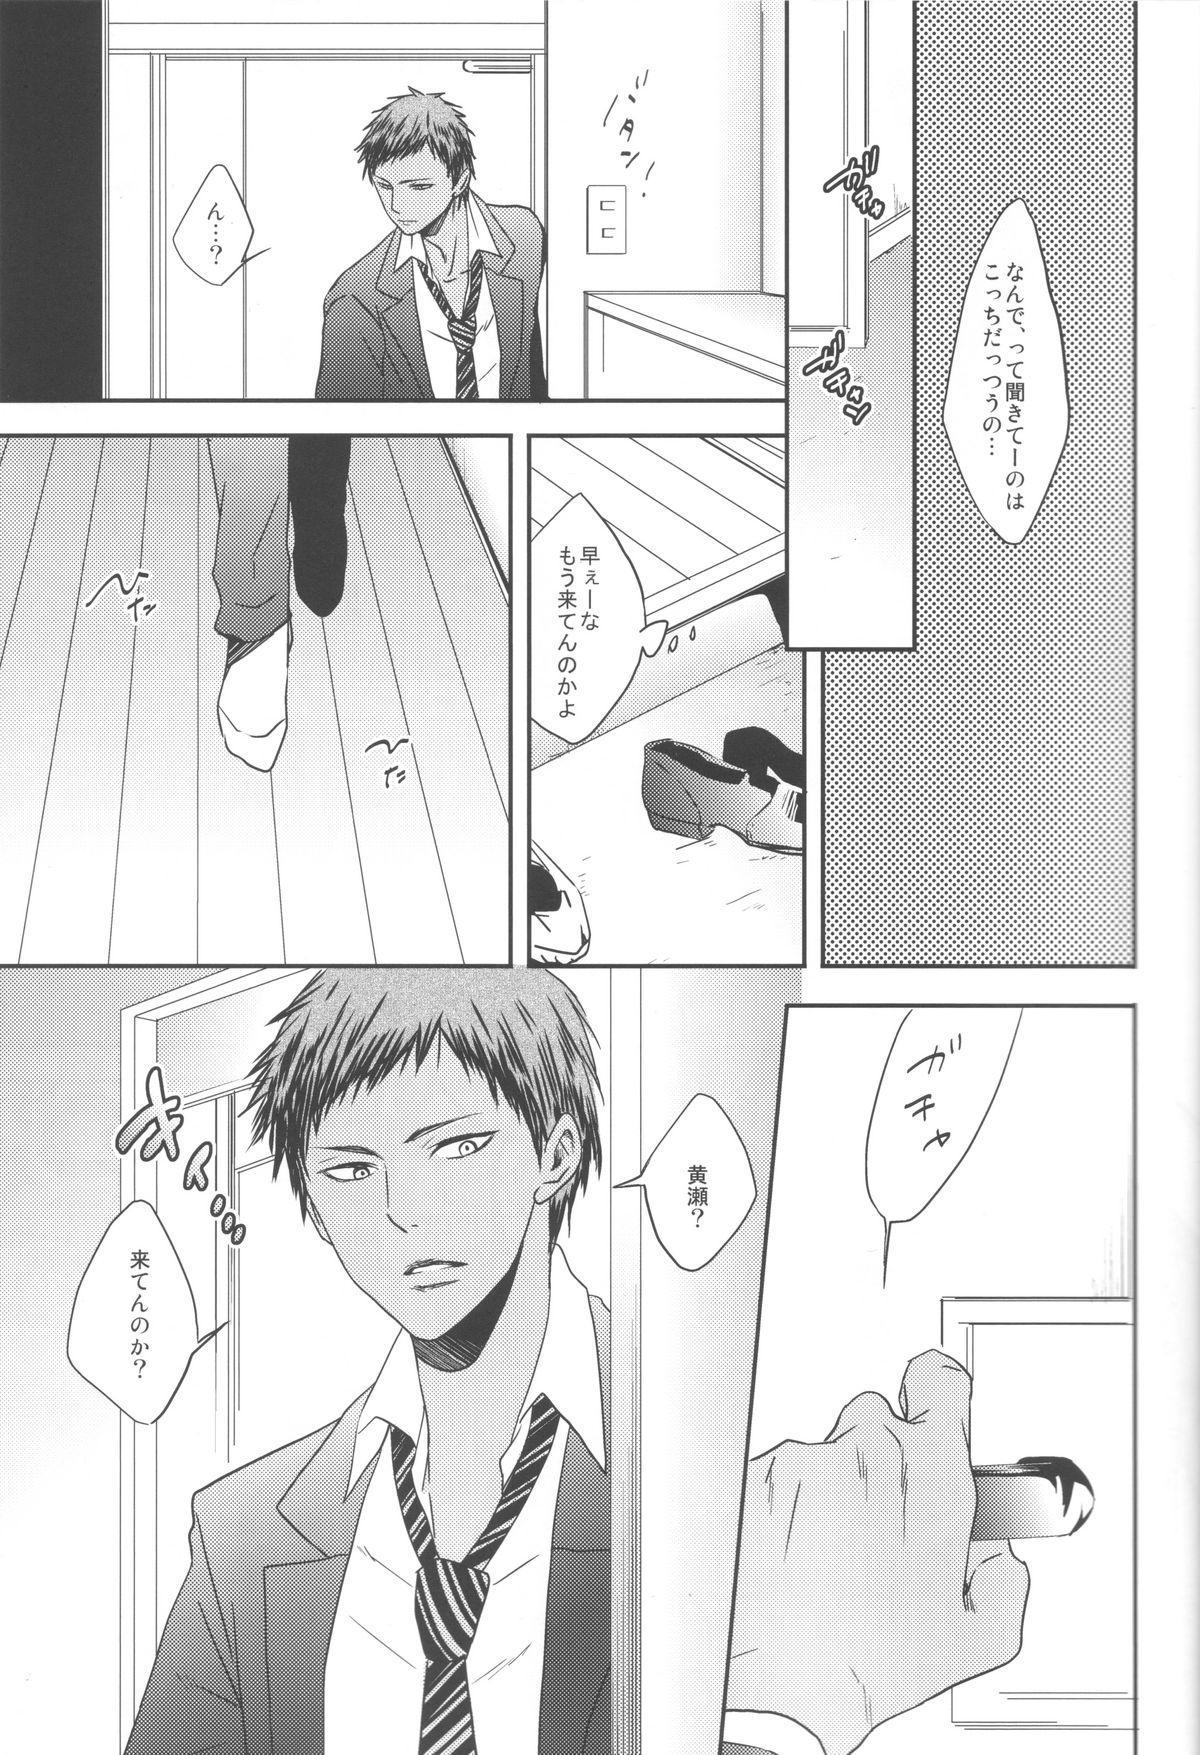 Nakayoshissu! 5